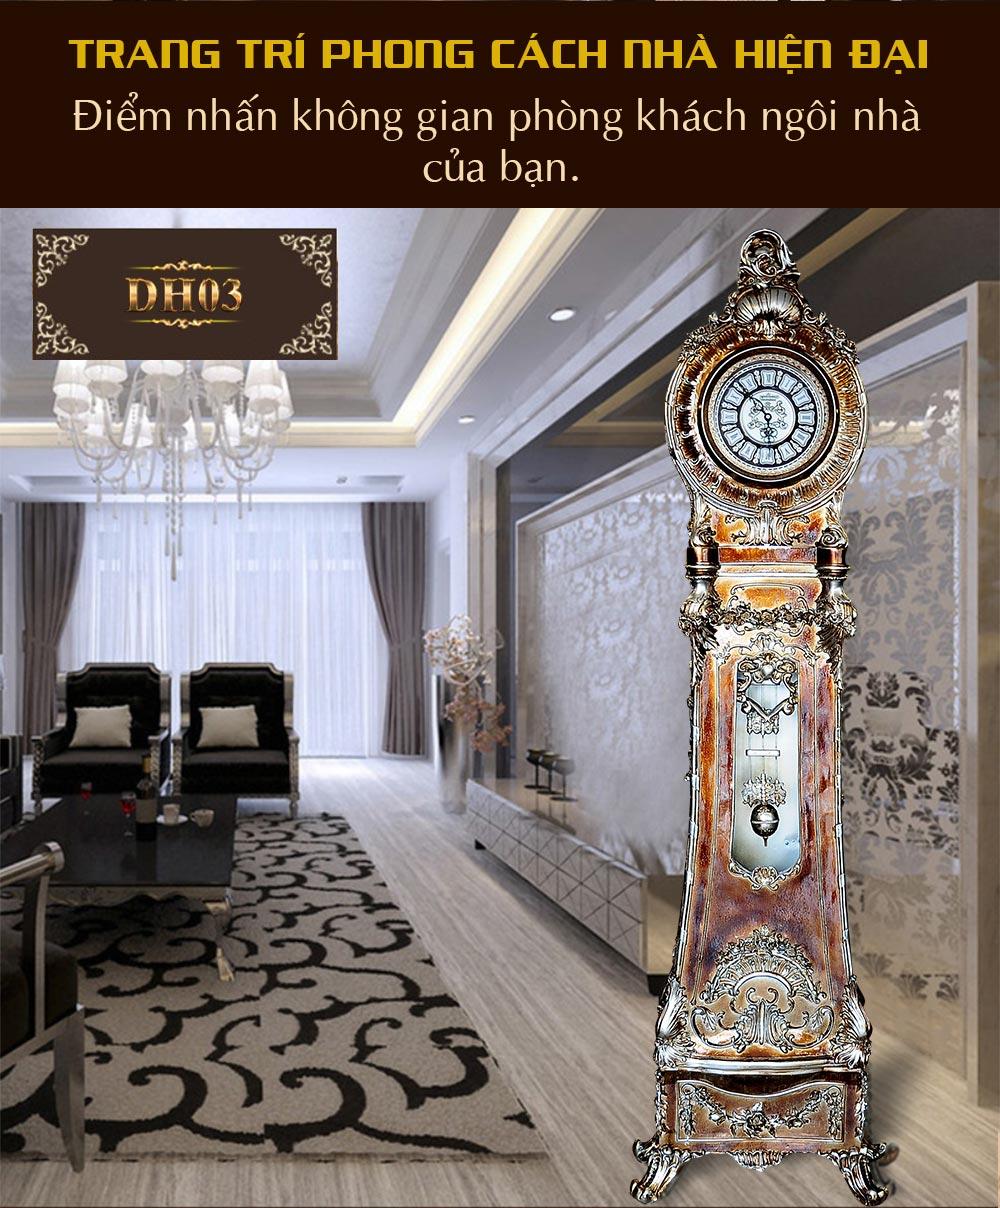 Đồng hồ cây DH03 giả cổ phong cách hoàng gia cổ điển